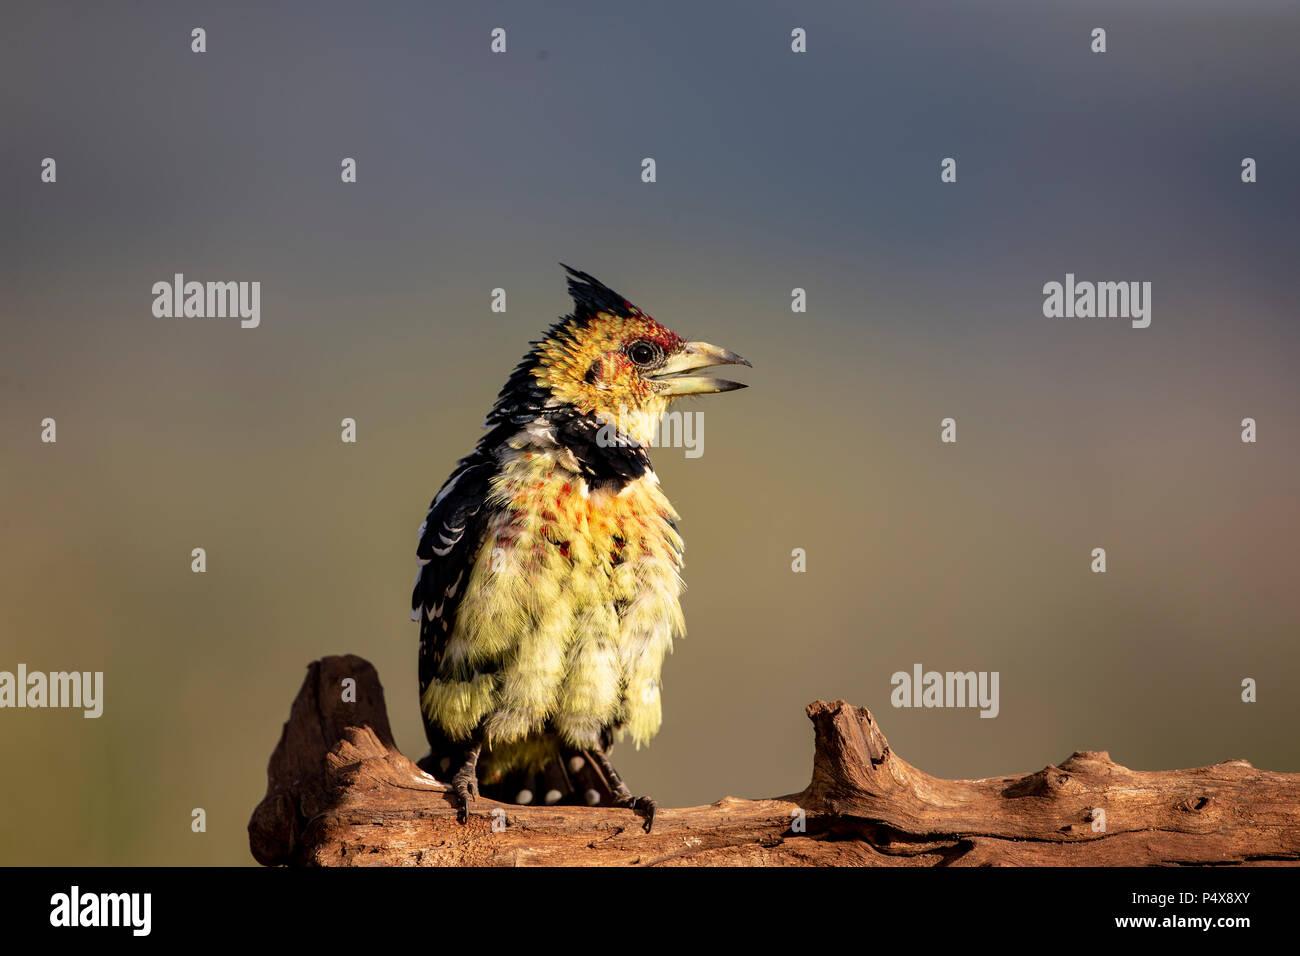 Trachyphonus vaillantii Crested Barbet perché sur un journal de profil avec le projet de loi partiellement ouverts Photo Stock